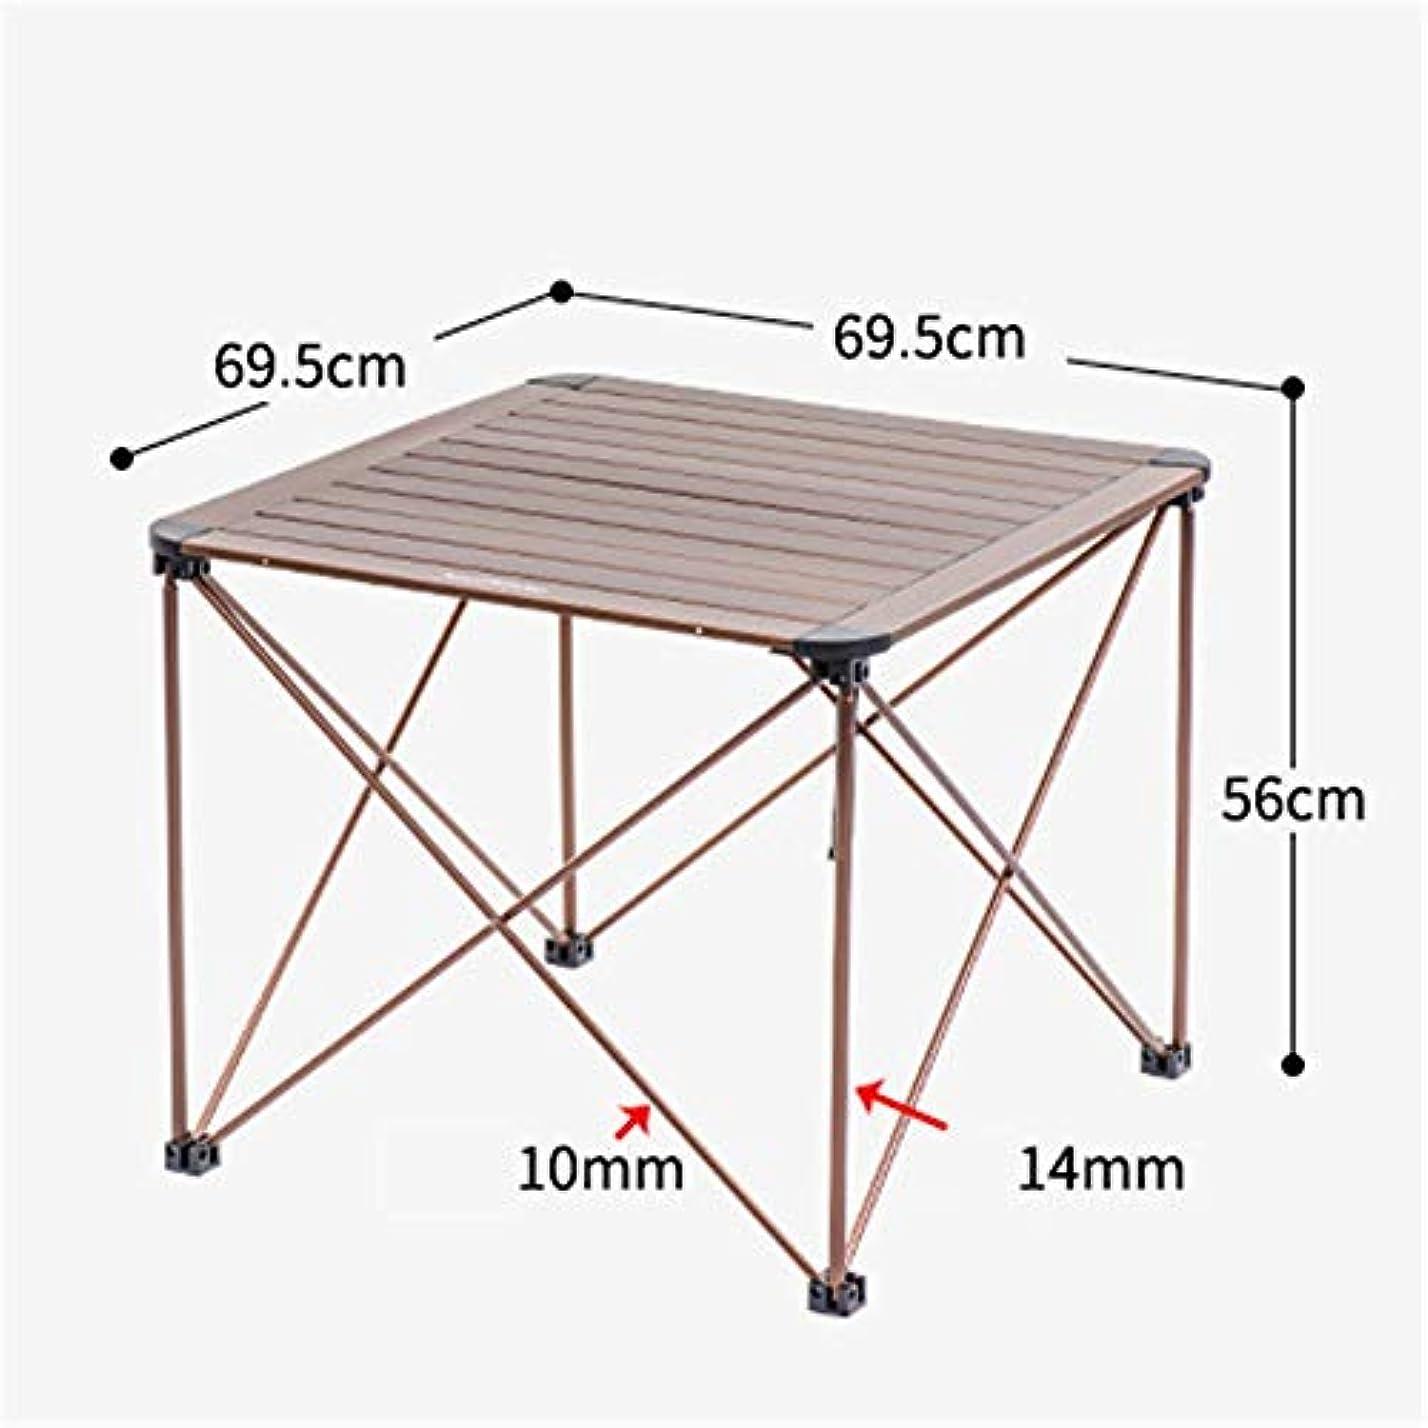 基礎理論通信する争う軽量の折りたたみは屋外のHikin gの携帯用キャンプテーブルのためのアルミニウム屋外のテーブルを転がします アウトドア キャンプ用 (色 : Metal, サイズ : 69*69*56cm)